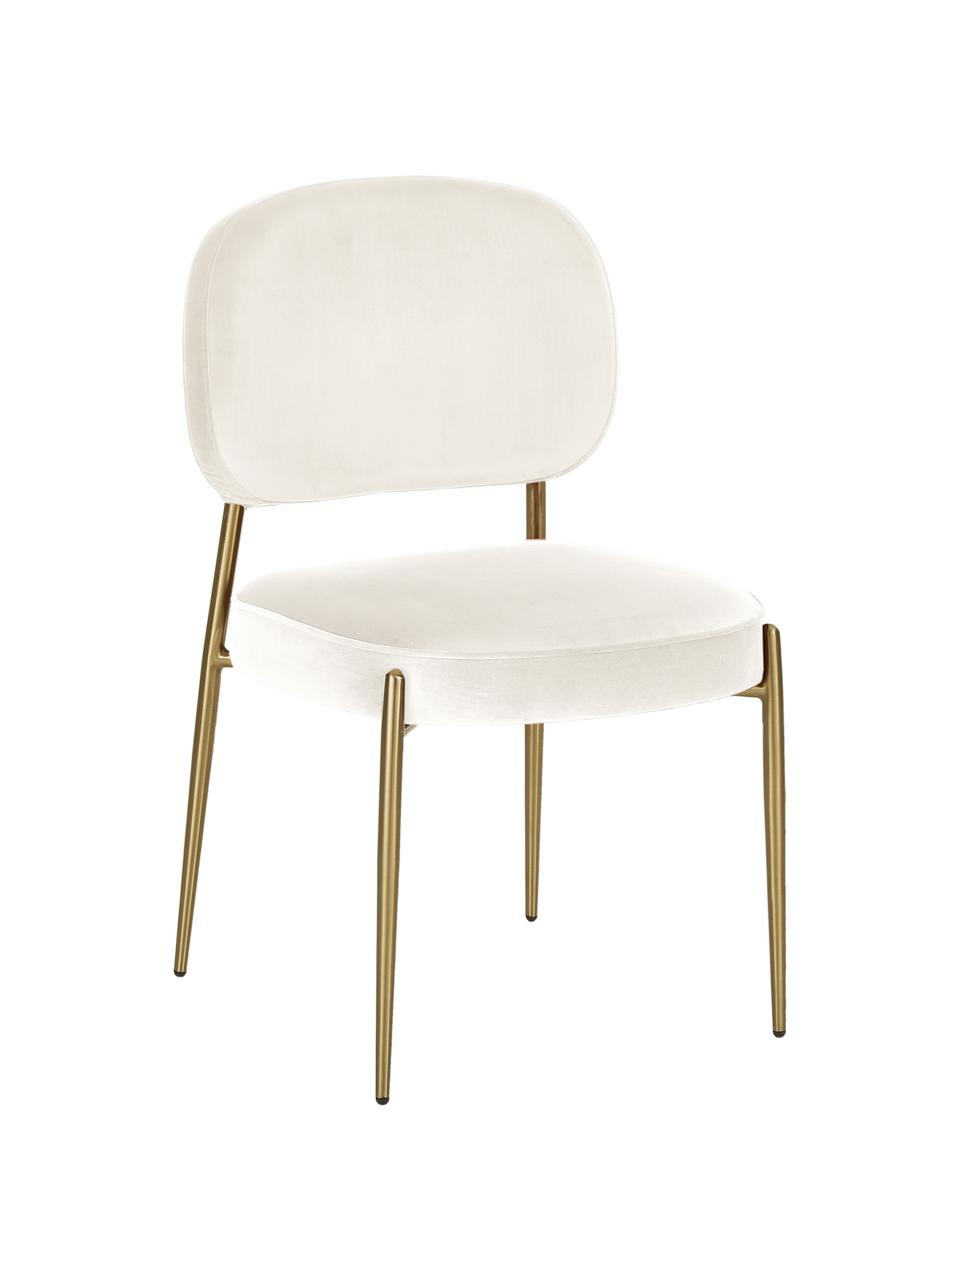 Fluwelen stoel Viggo, Bekleding: fluweel (polyester), Fluweel beige, poten goudkleurig, B 49 x D 66 cm